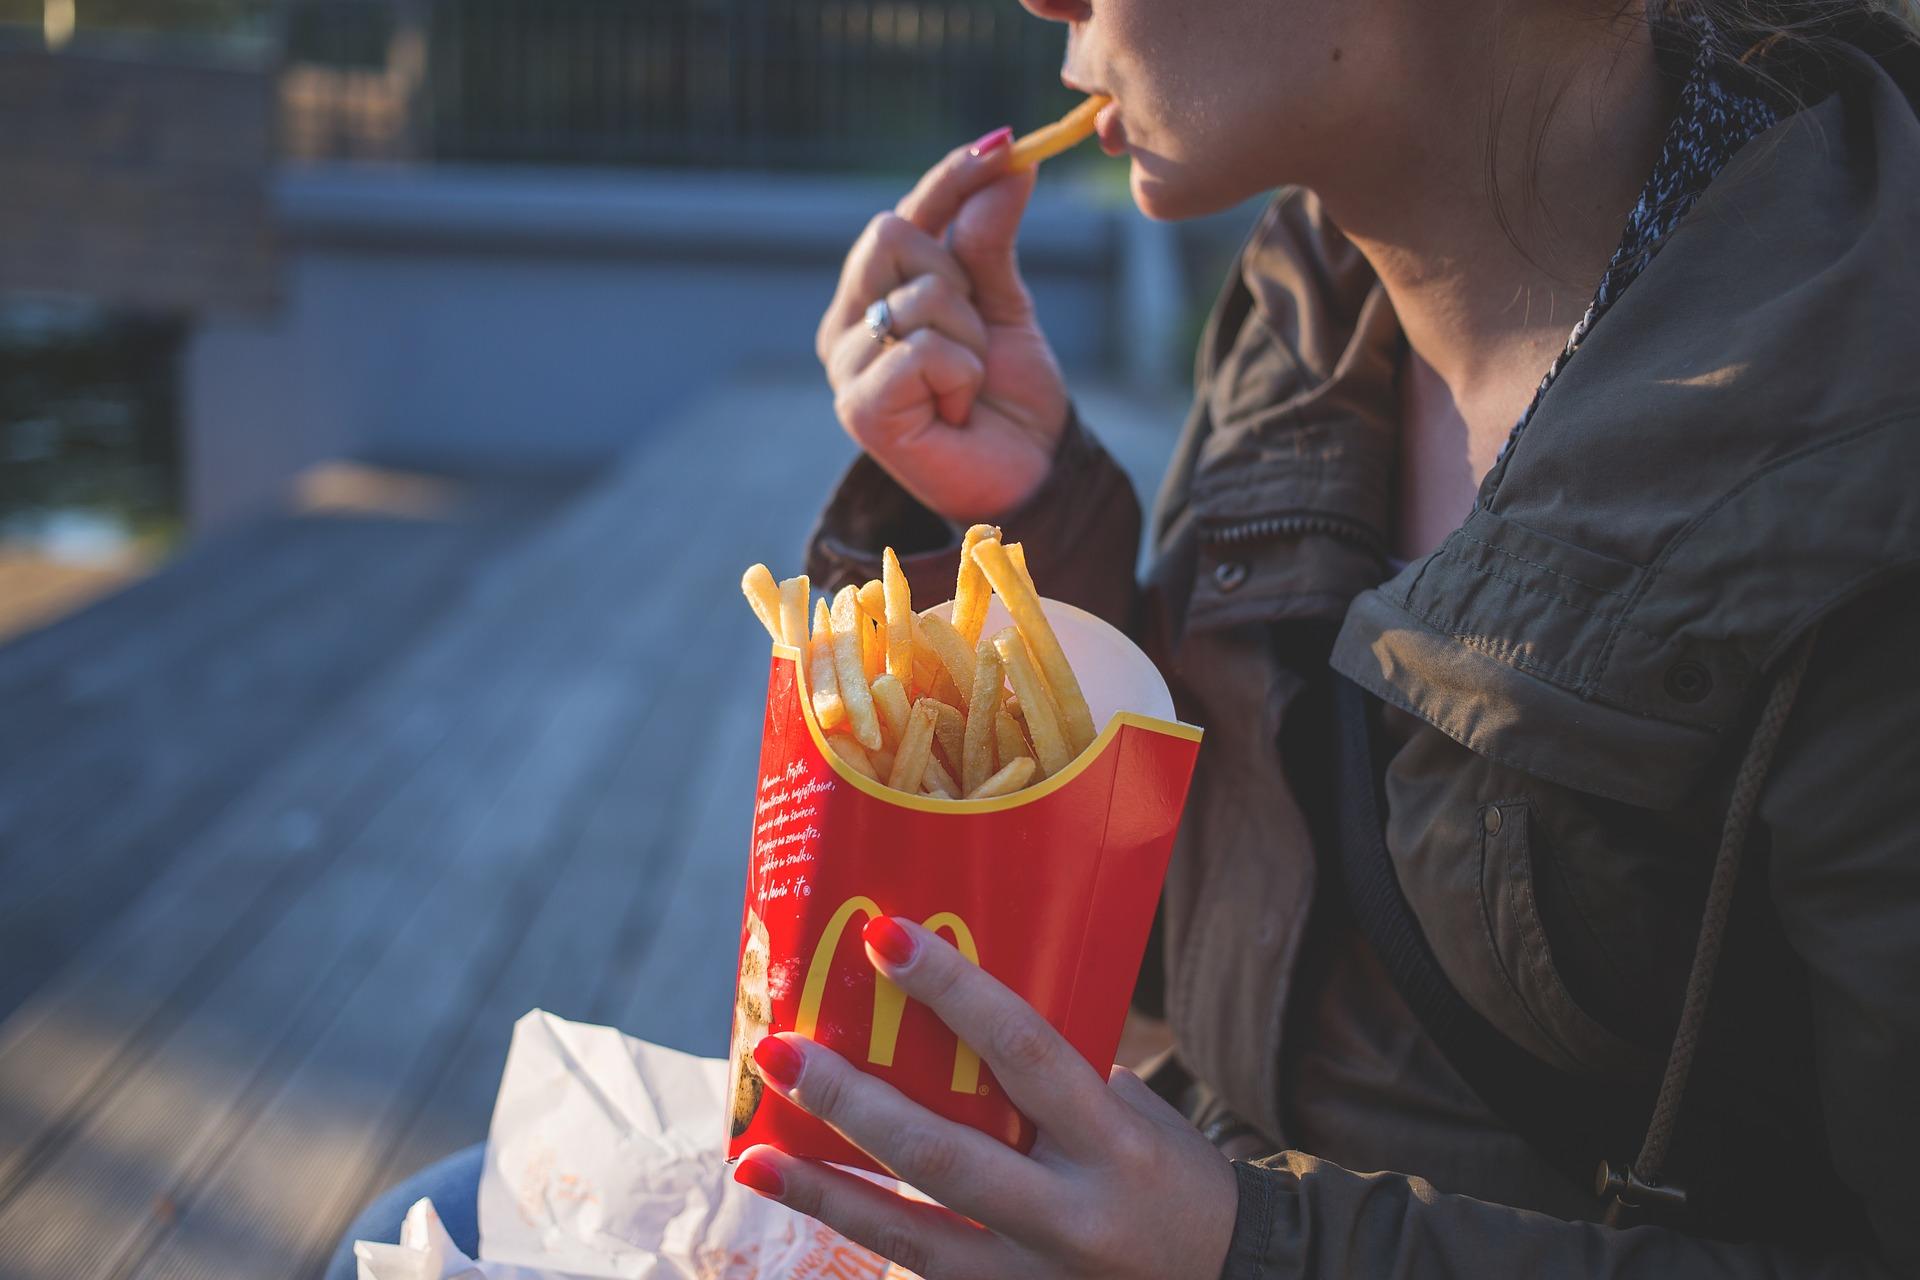 Жирные лузеры - Миф, что толстые - это те, кто целыми днями сидит на диване перед телевизором с тарелкой чипсов и способен донести свой толстый зад только до машины